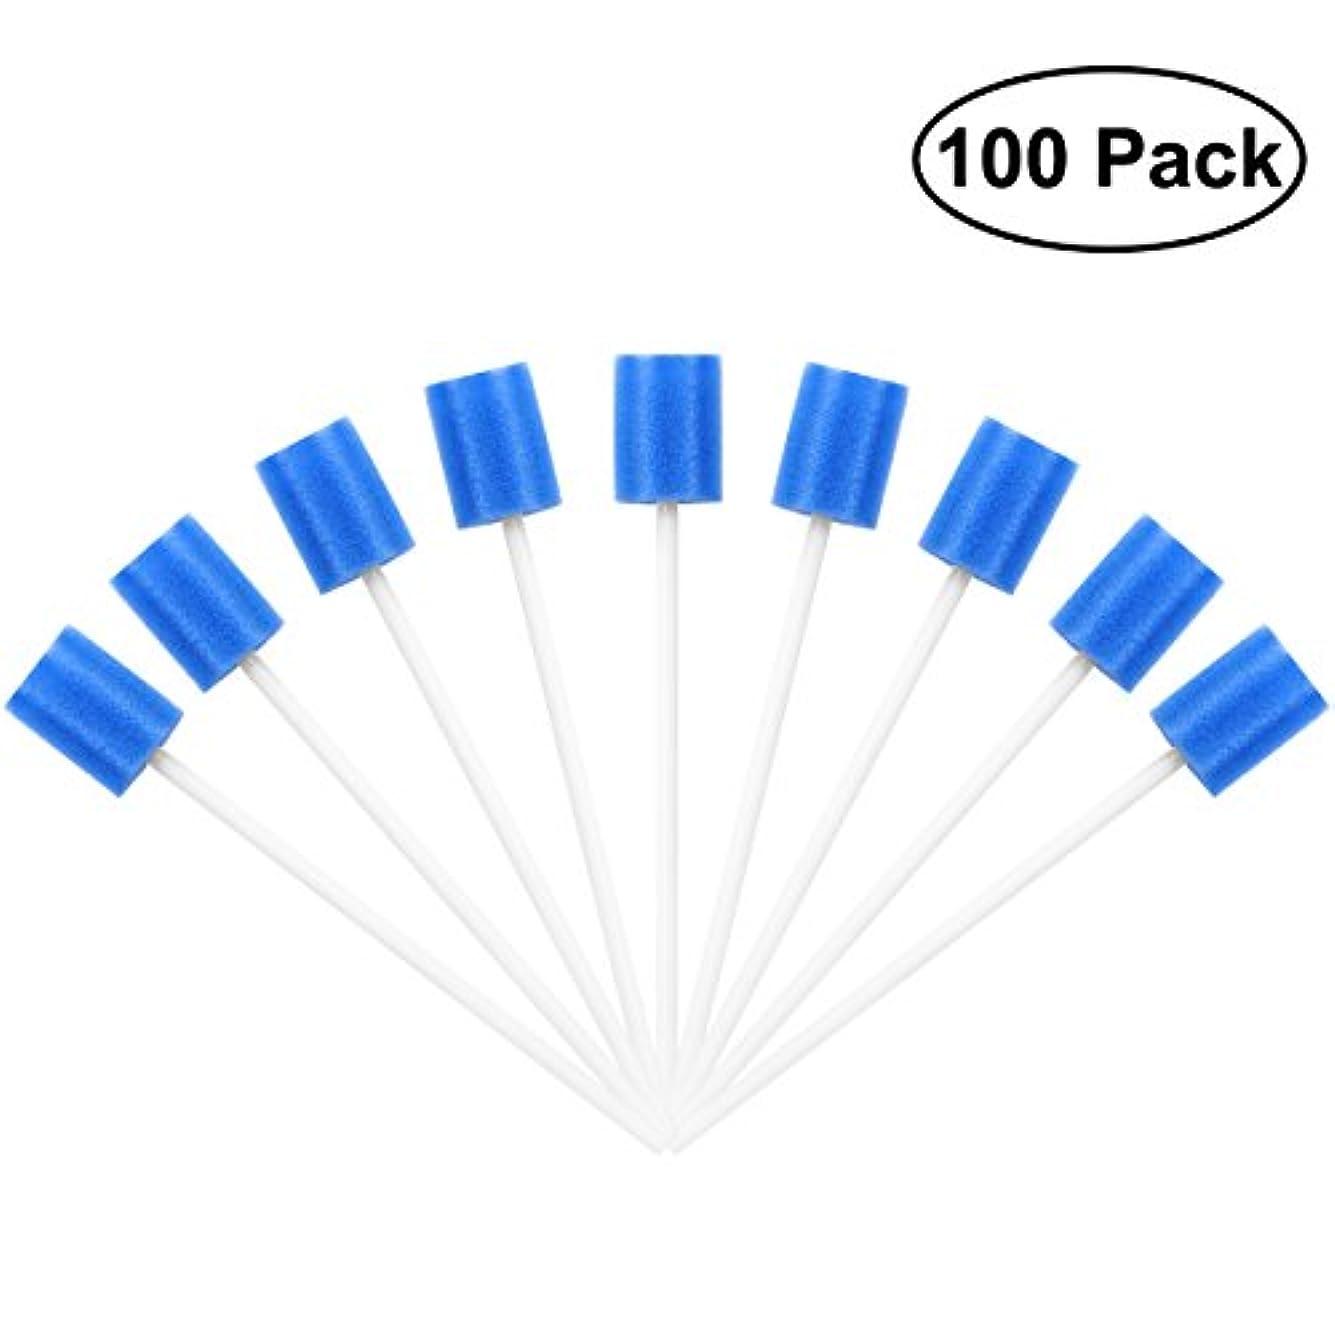 望み匿名手数料ROSENICE Mouth Sponges Dental Swabs 100Pcs Disposable Oral Care Swabs (Blue)